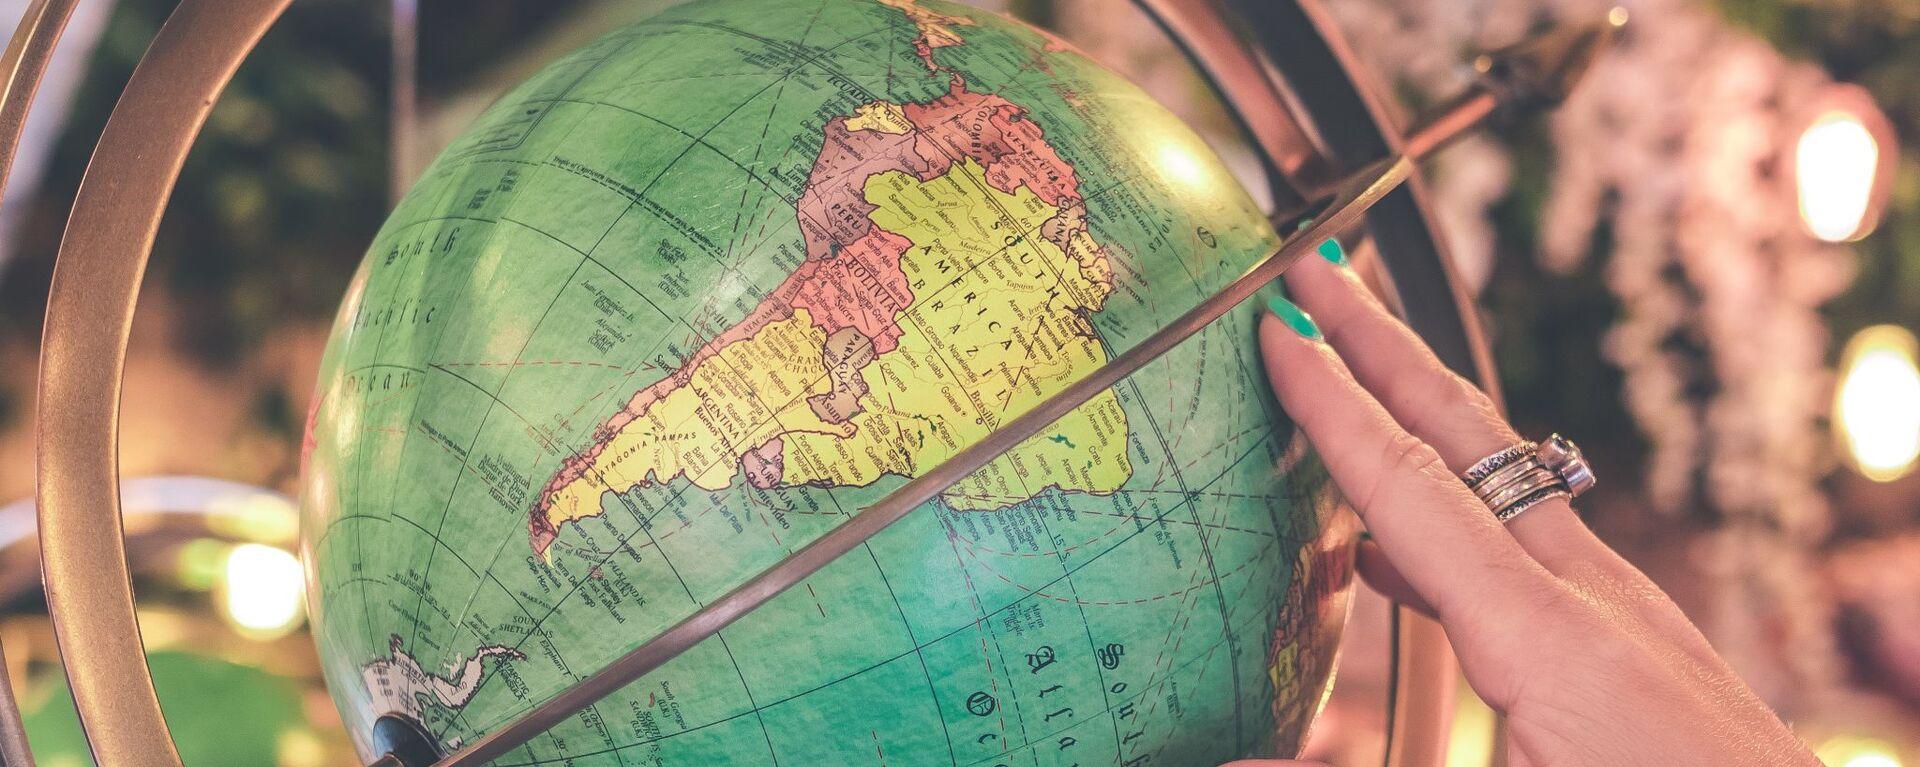 América Latina en un globo - Sputnik Mundo, 1920, 23.03.2021